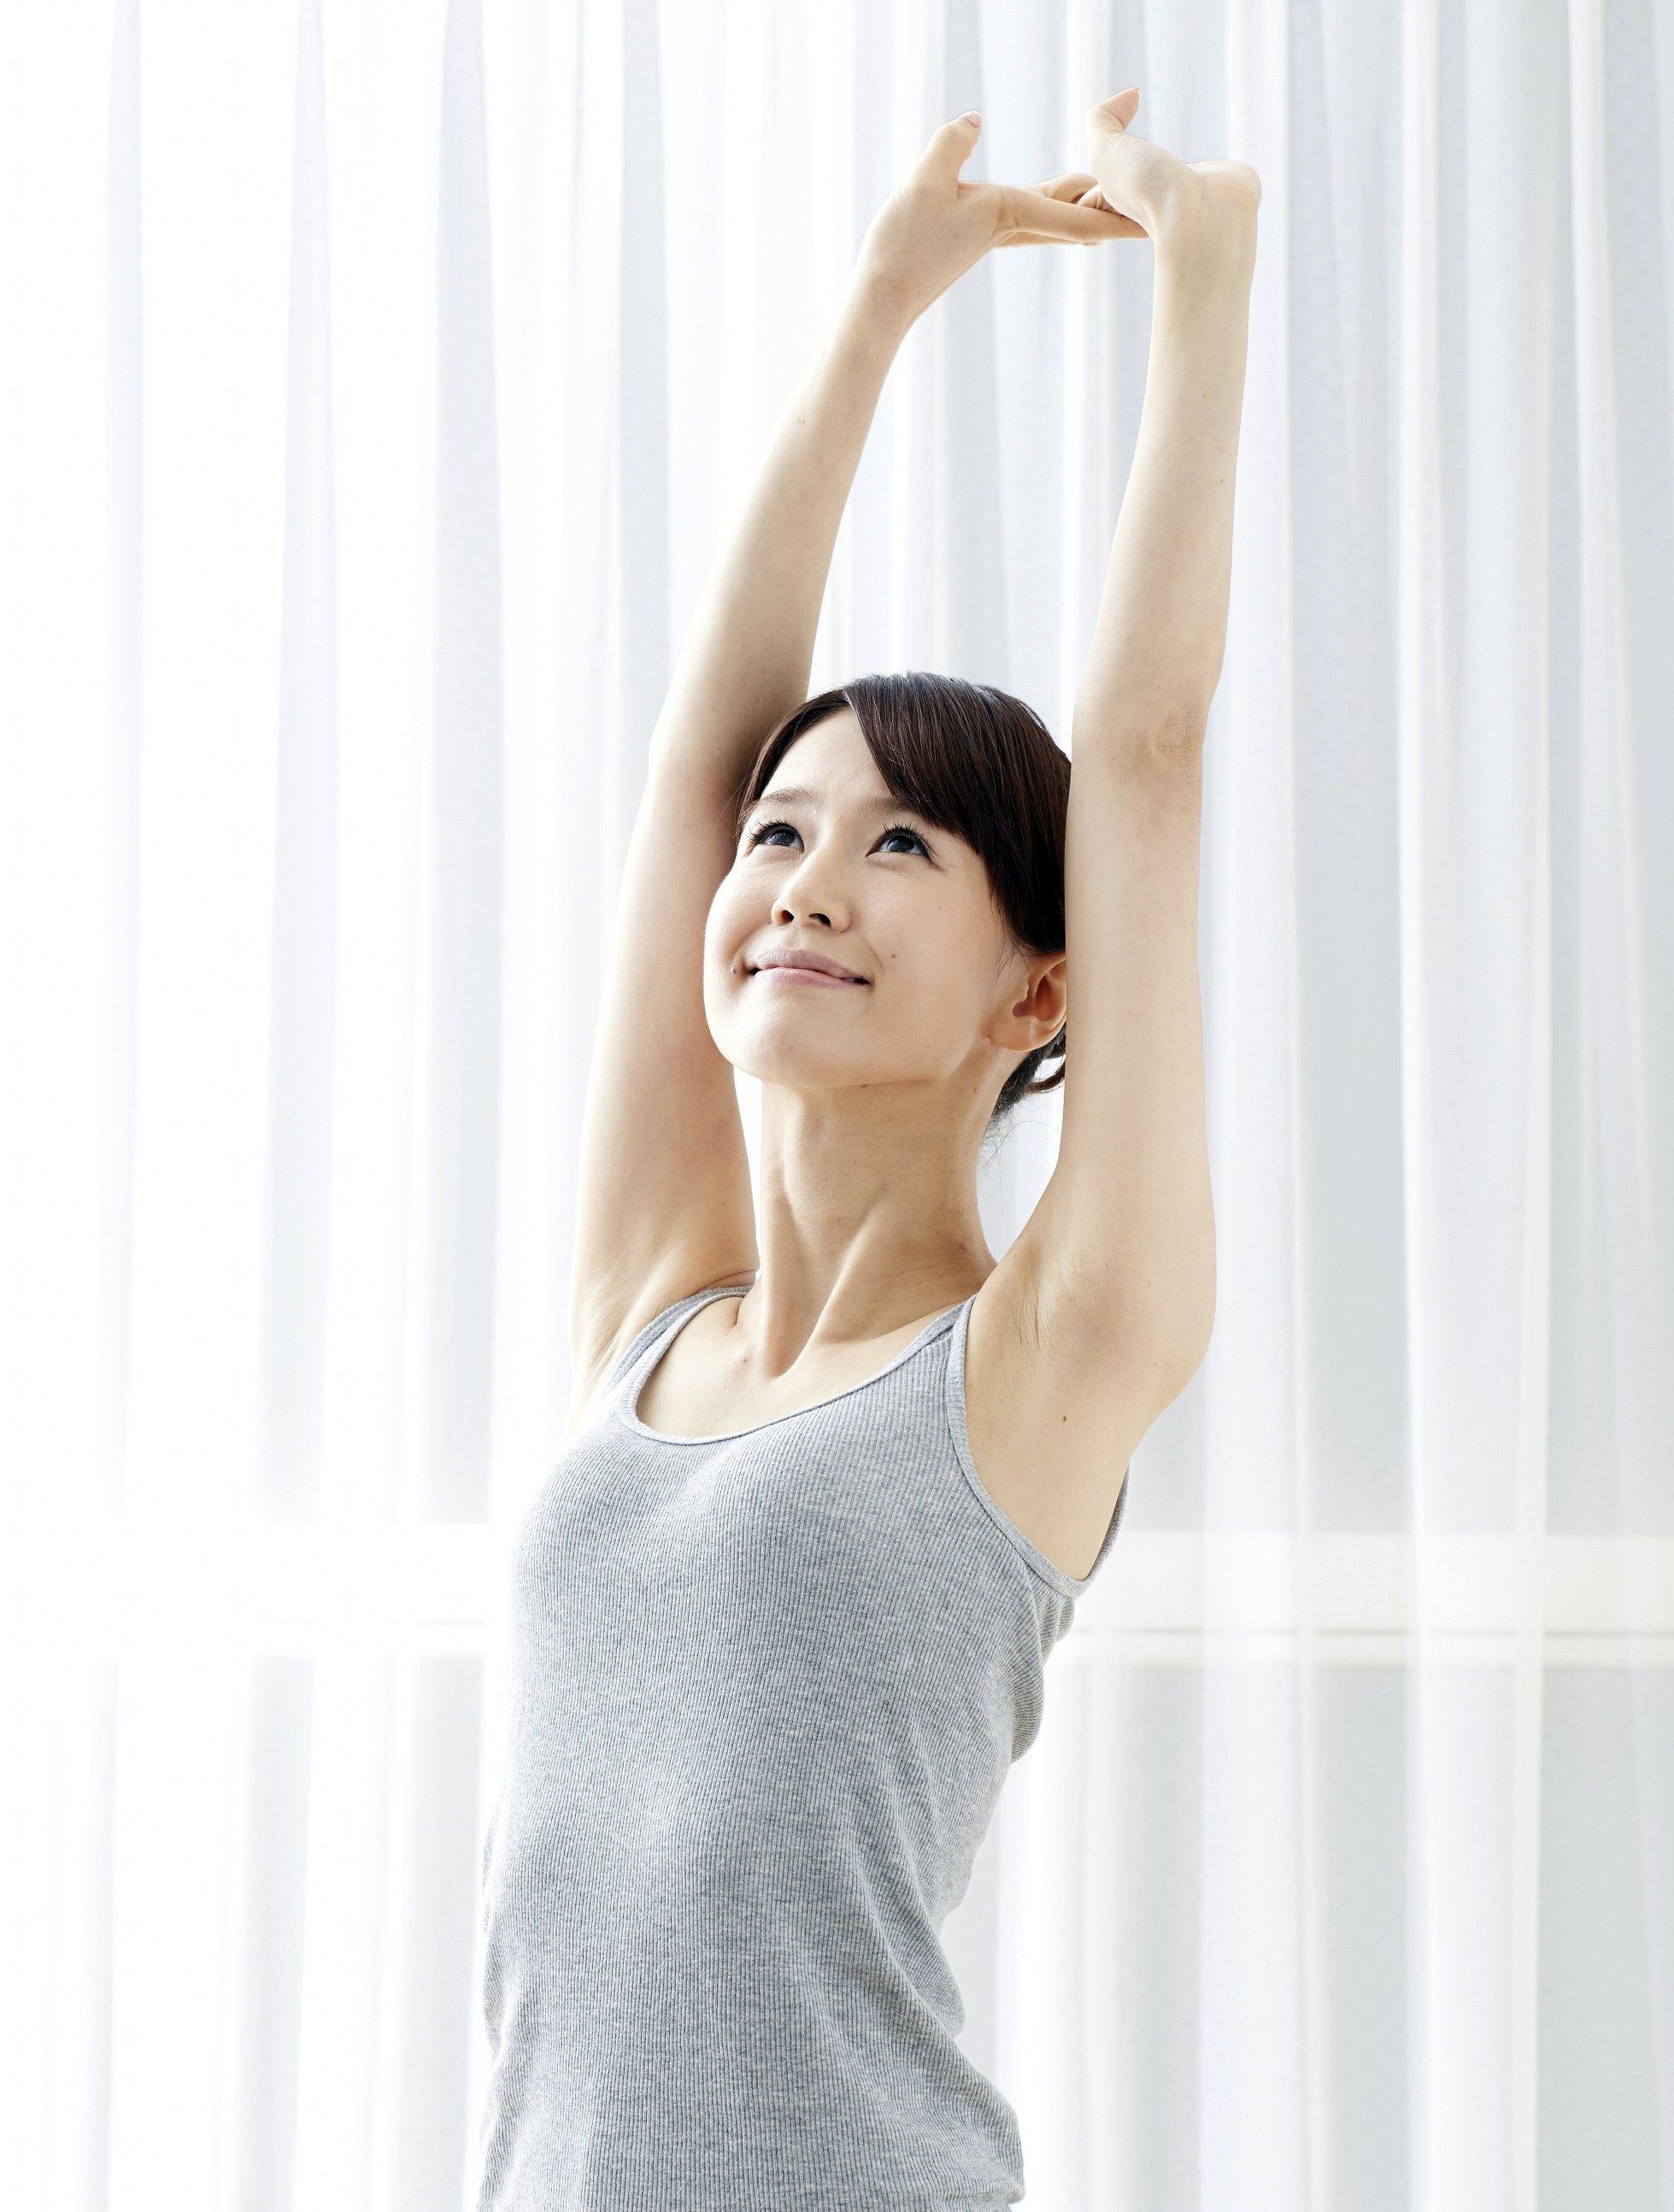 美人腋モデルの腋見せ (2)